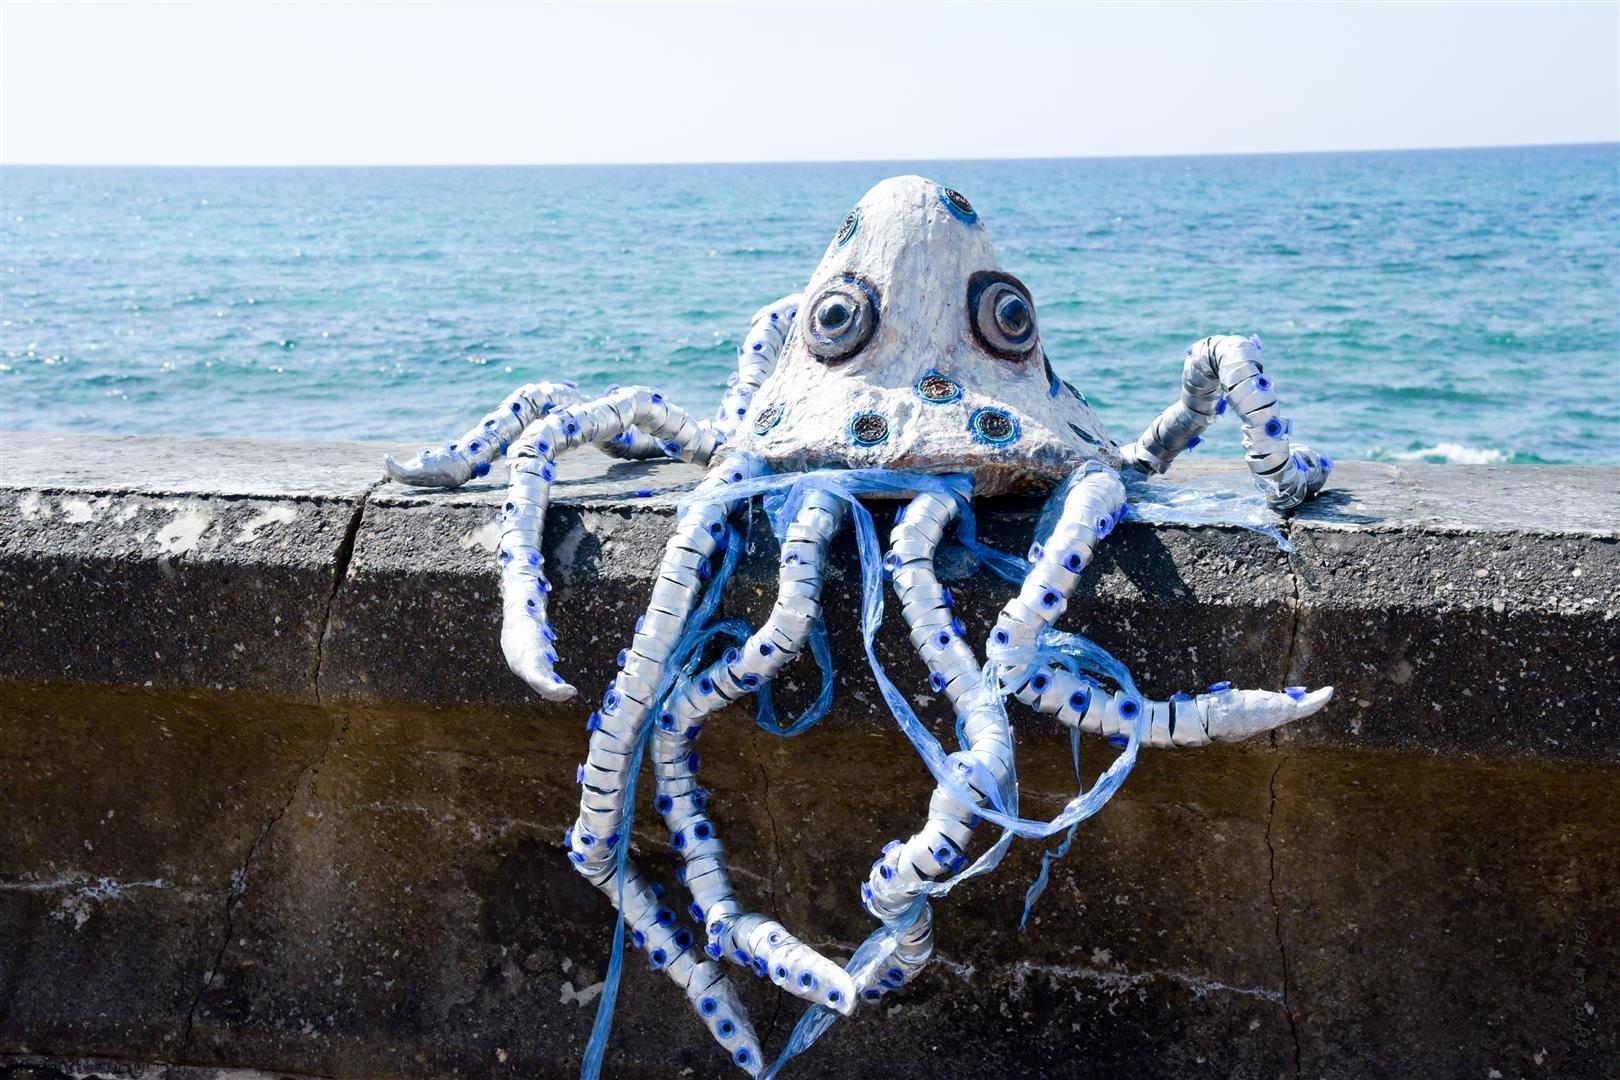 התמנון מגיע מהים עם שקיות ניילון החונקות אותו עם מסר לאדם לשמור על היצורים הימיים